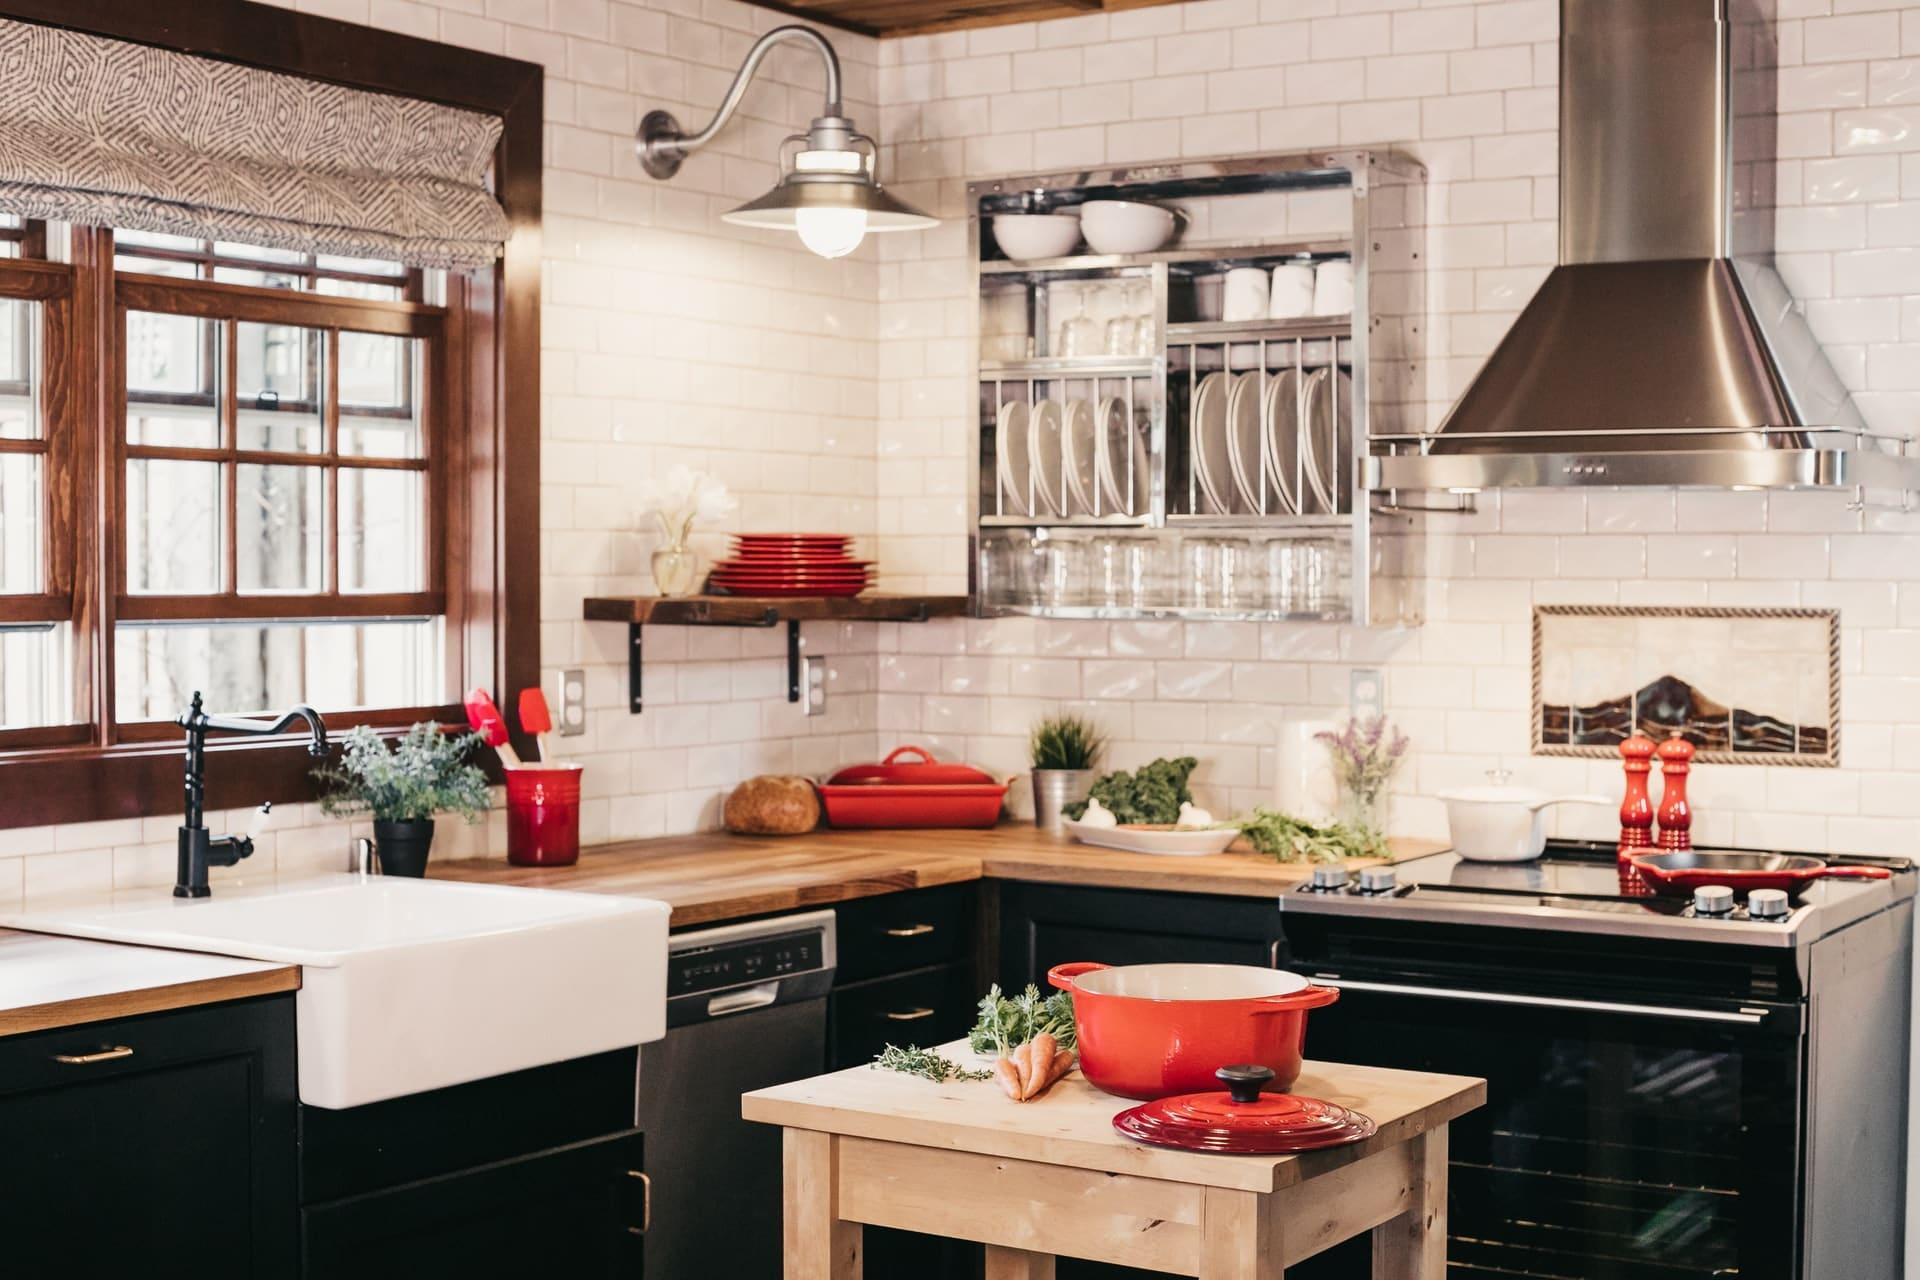 Kitchen cabinets in a kitchen